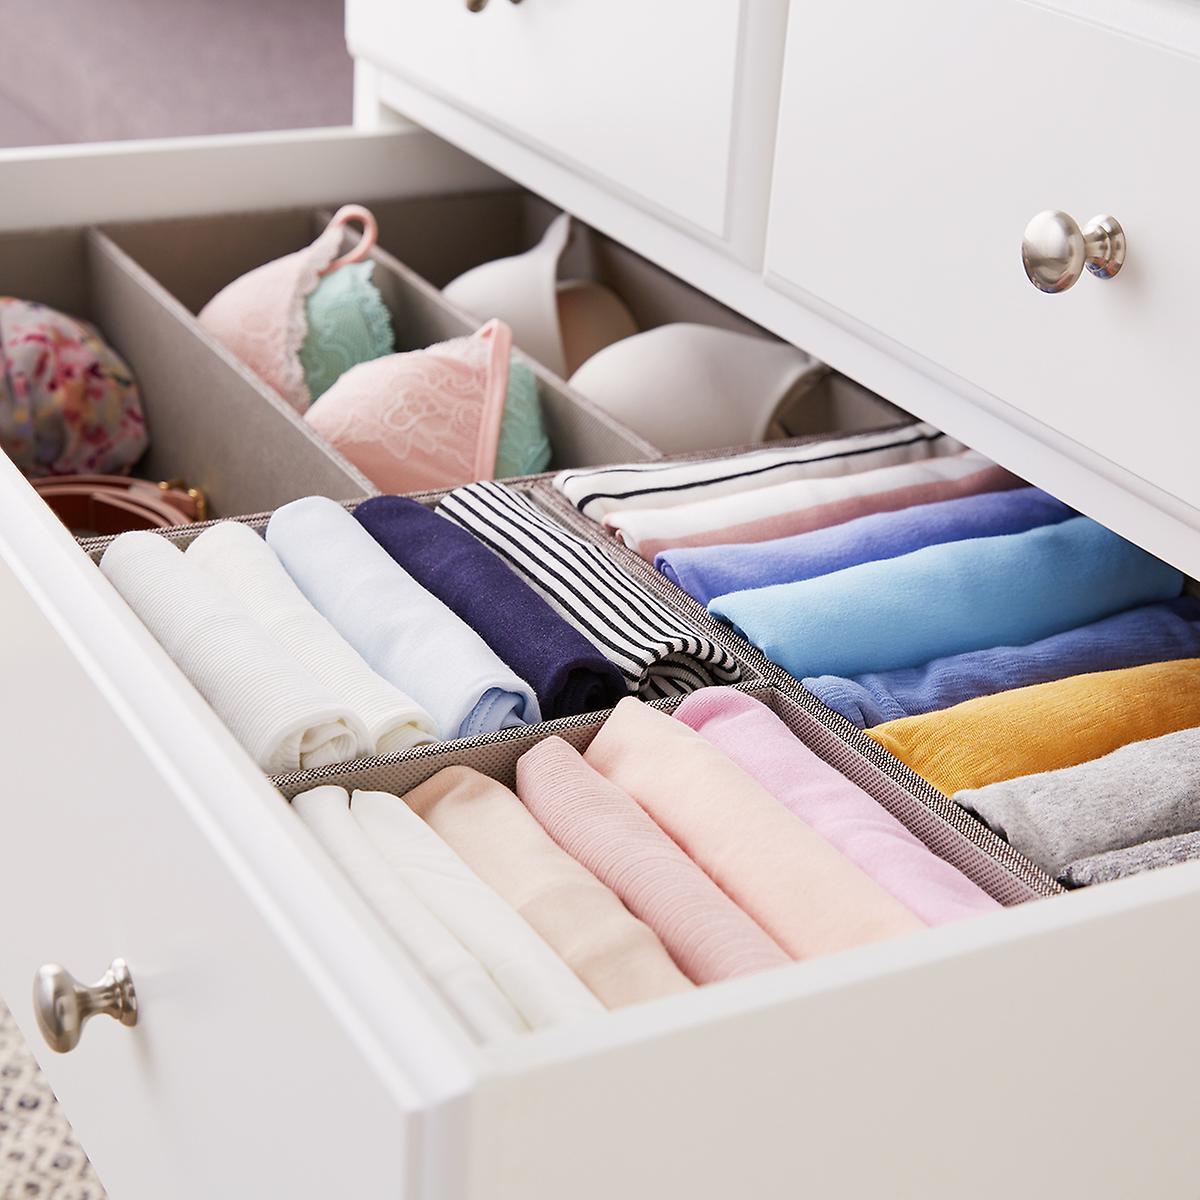 28 x 14 Grey Drawer Organization Starter Kit